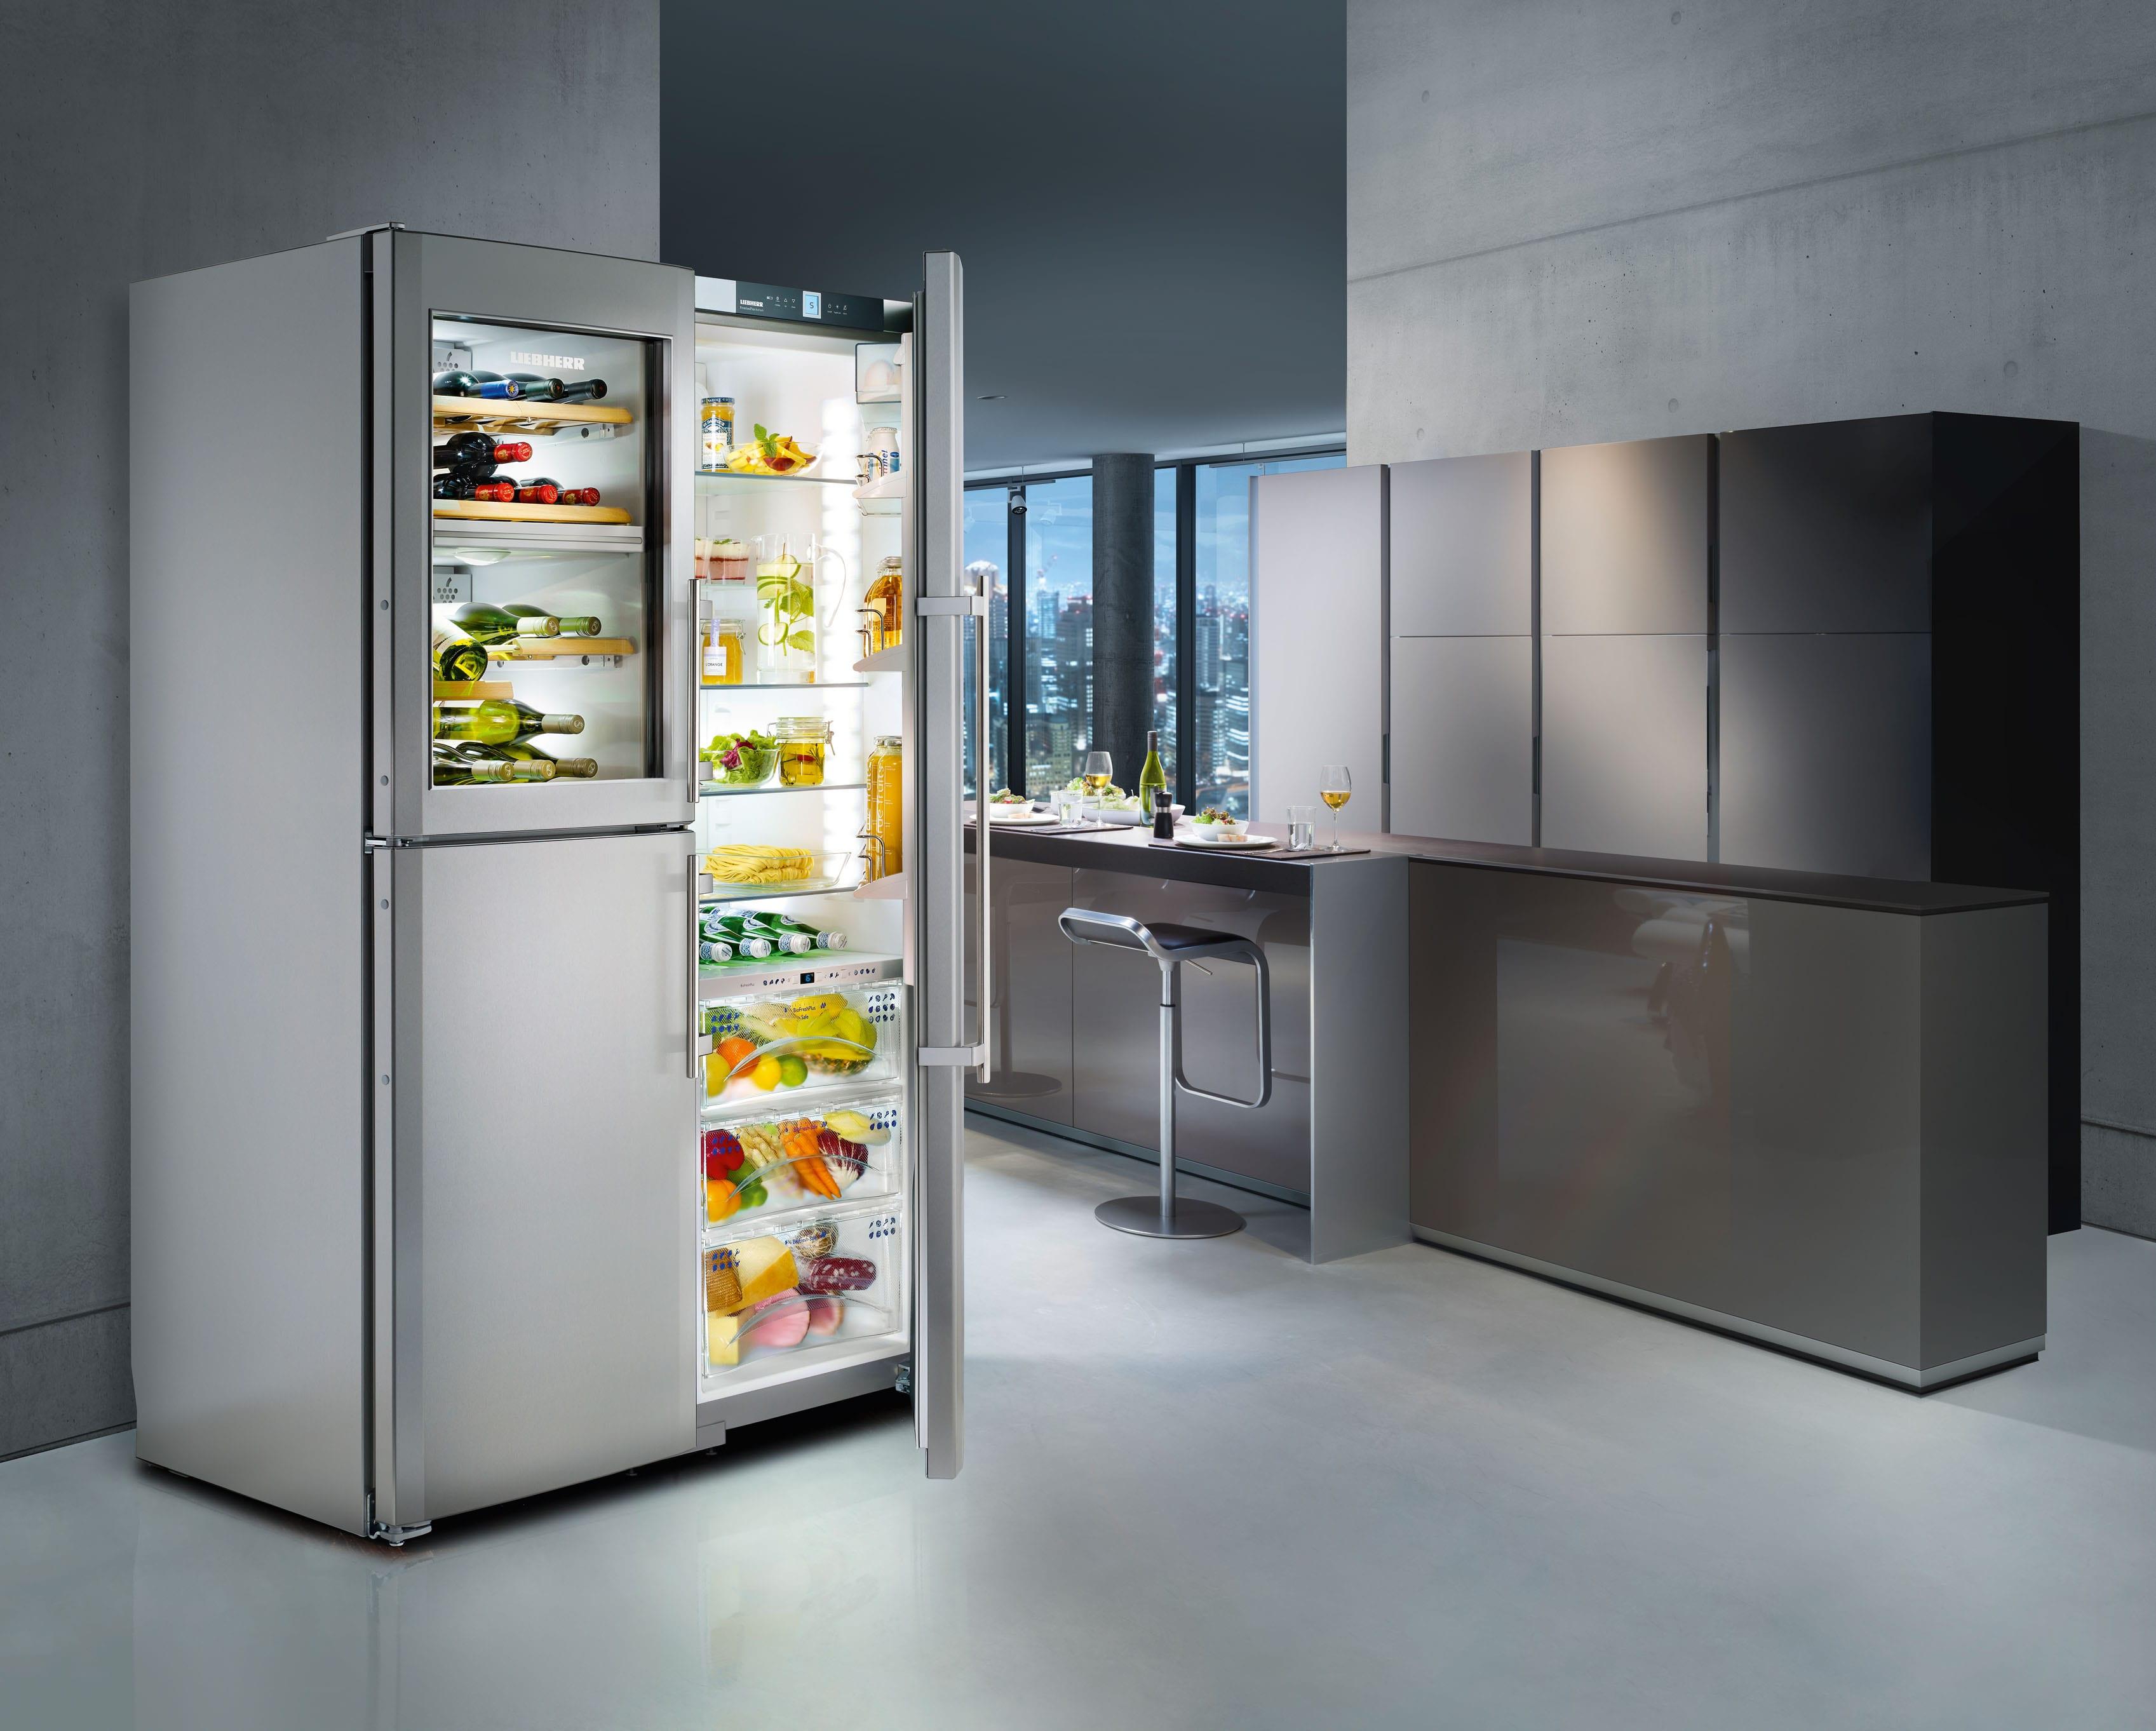 Side By Side Kühlschrank Technische Zeichnung : Side by side kombination das sind die vorteile freshmag liebherr